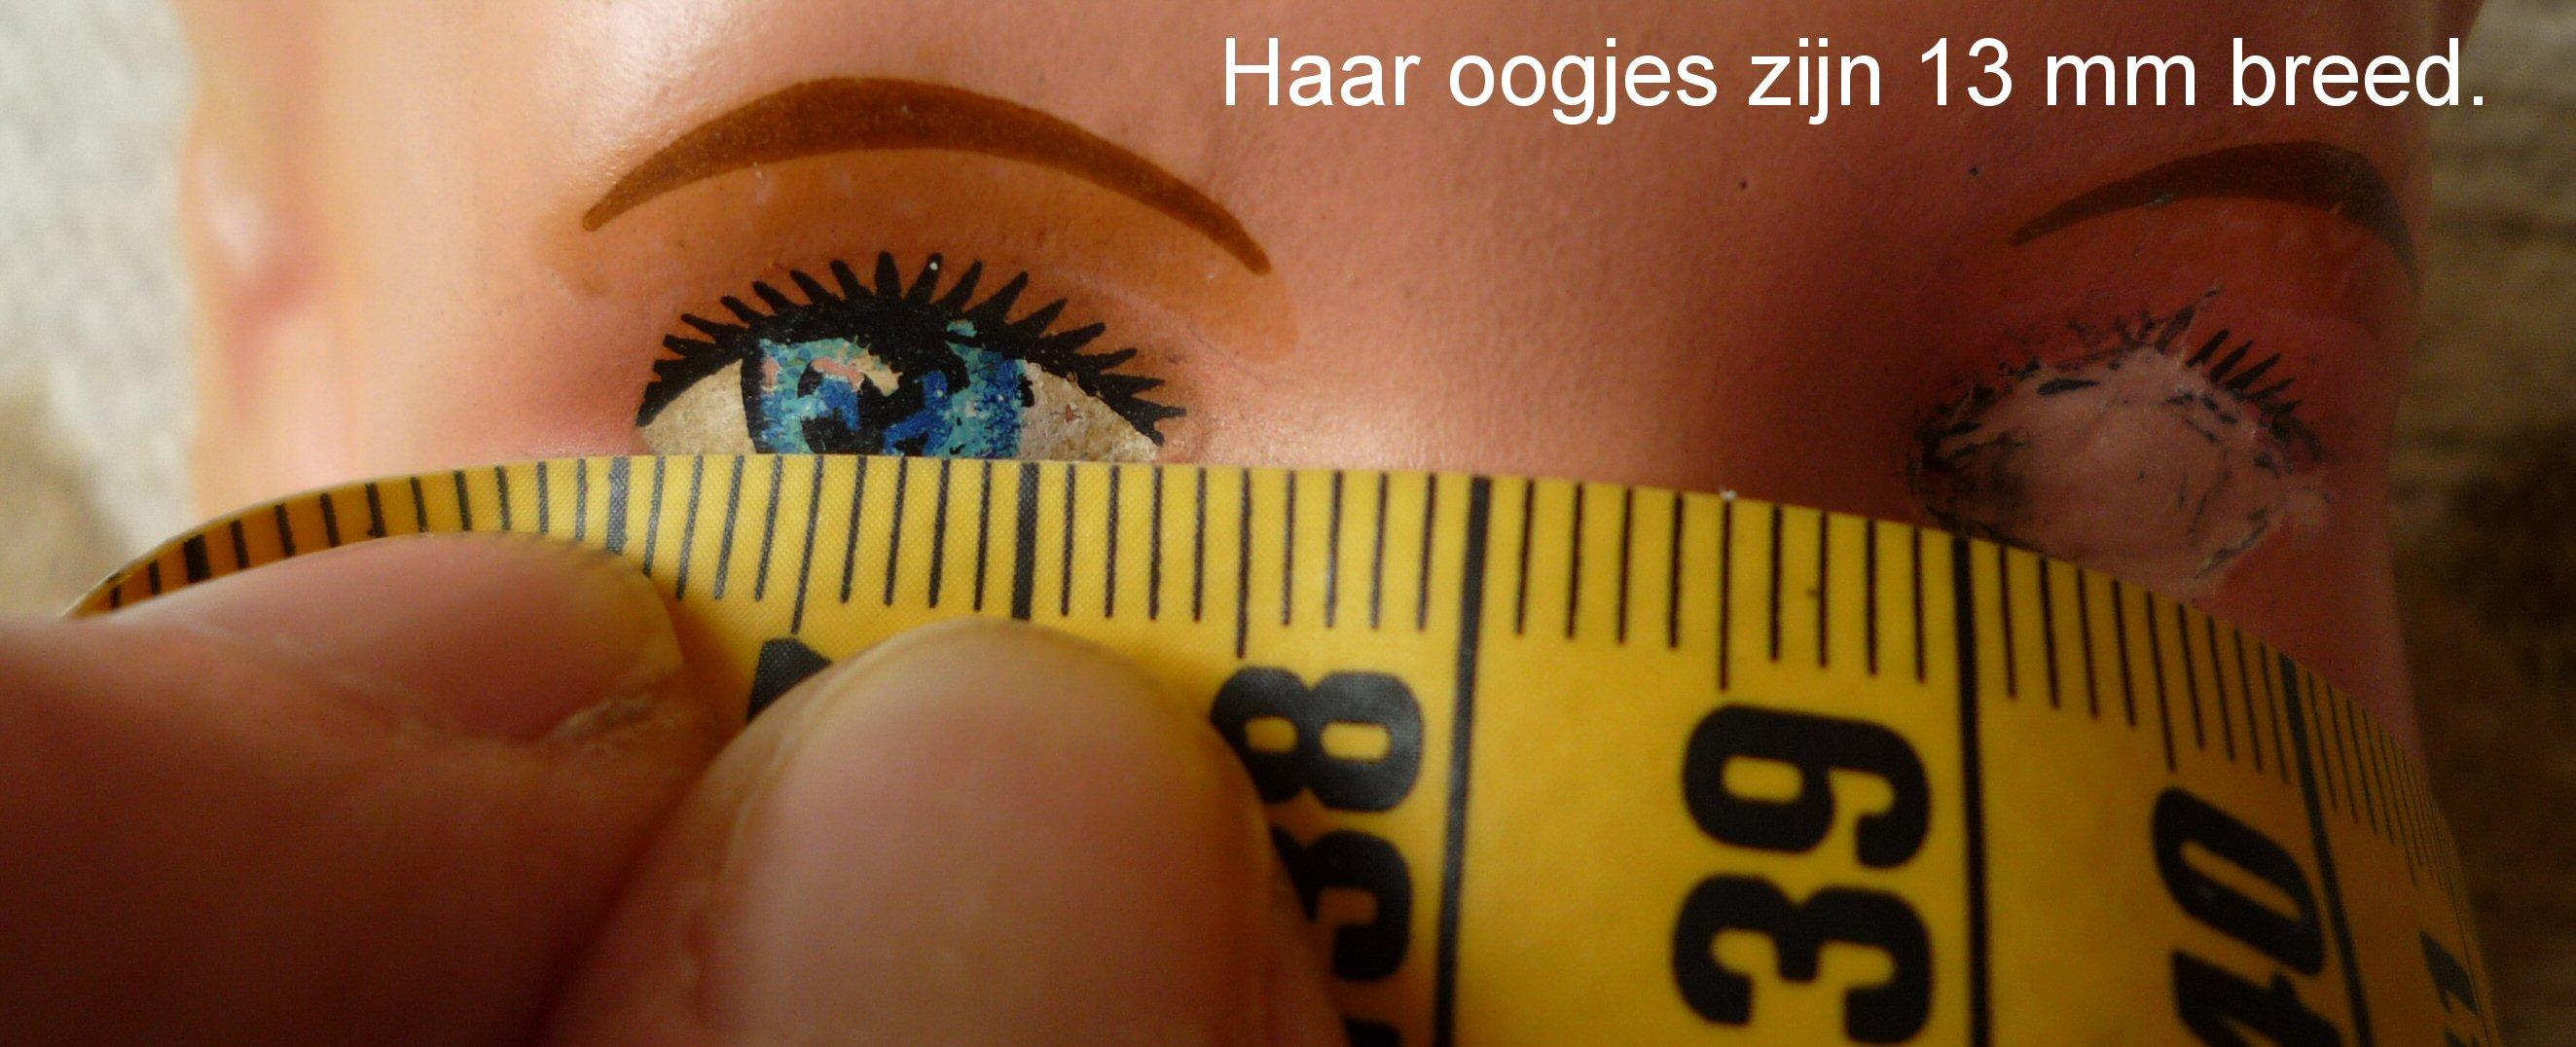 https://welkepopisdat.nl/afbeeldingen-Forum/DurvinaFotos/Bregje%20(12).JPG